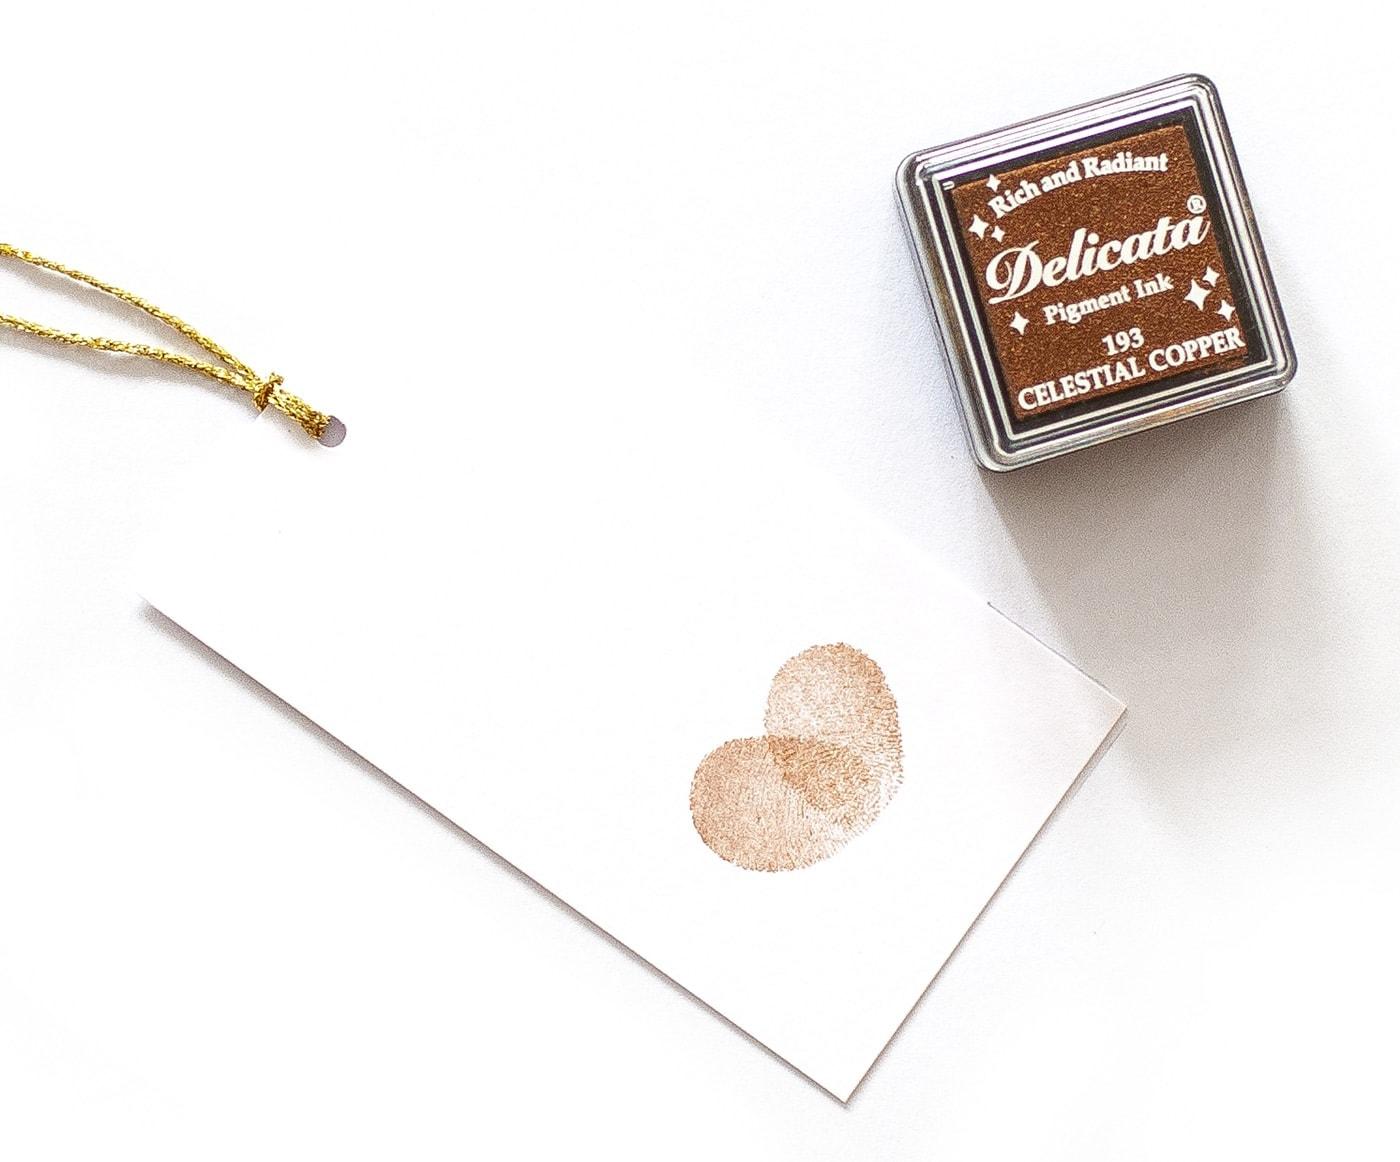 Miedziany tusz delicata celestial copper